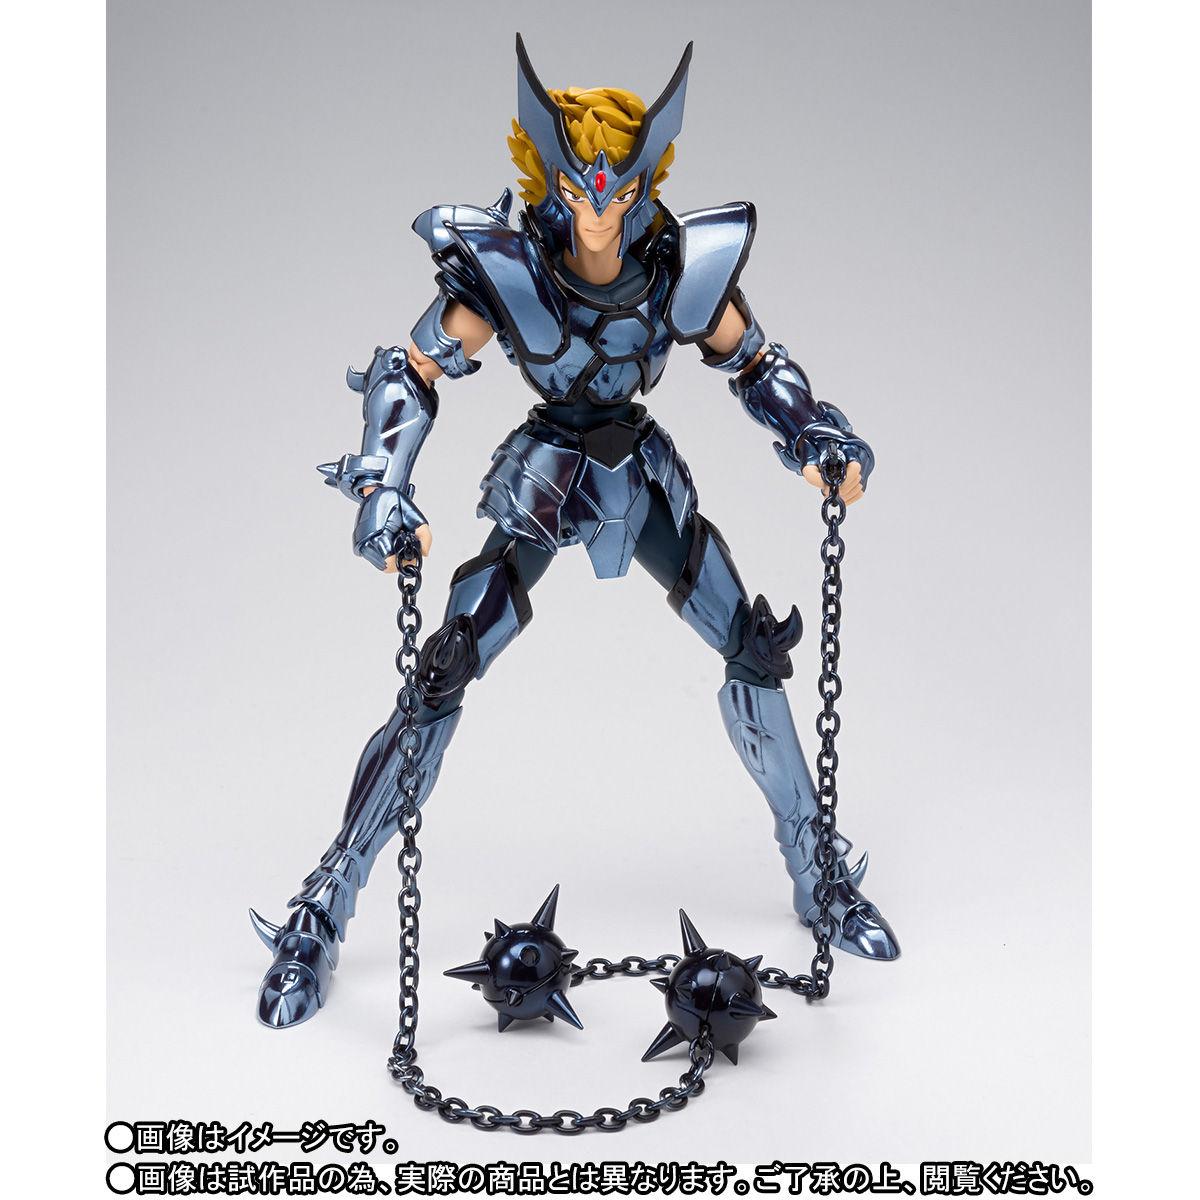 聖闘士聖衣神話 ケルベロス ダンテ-003